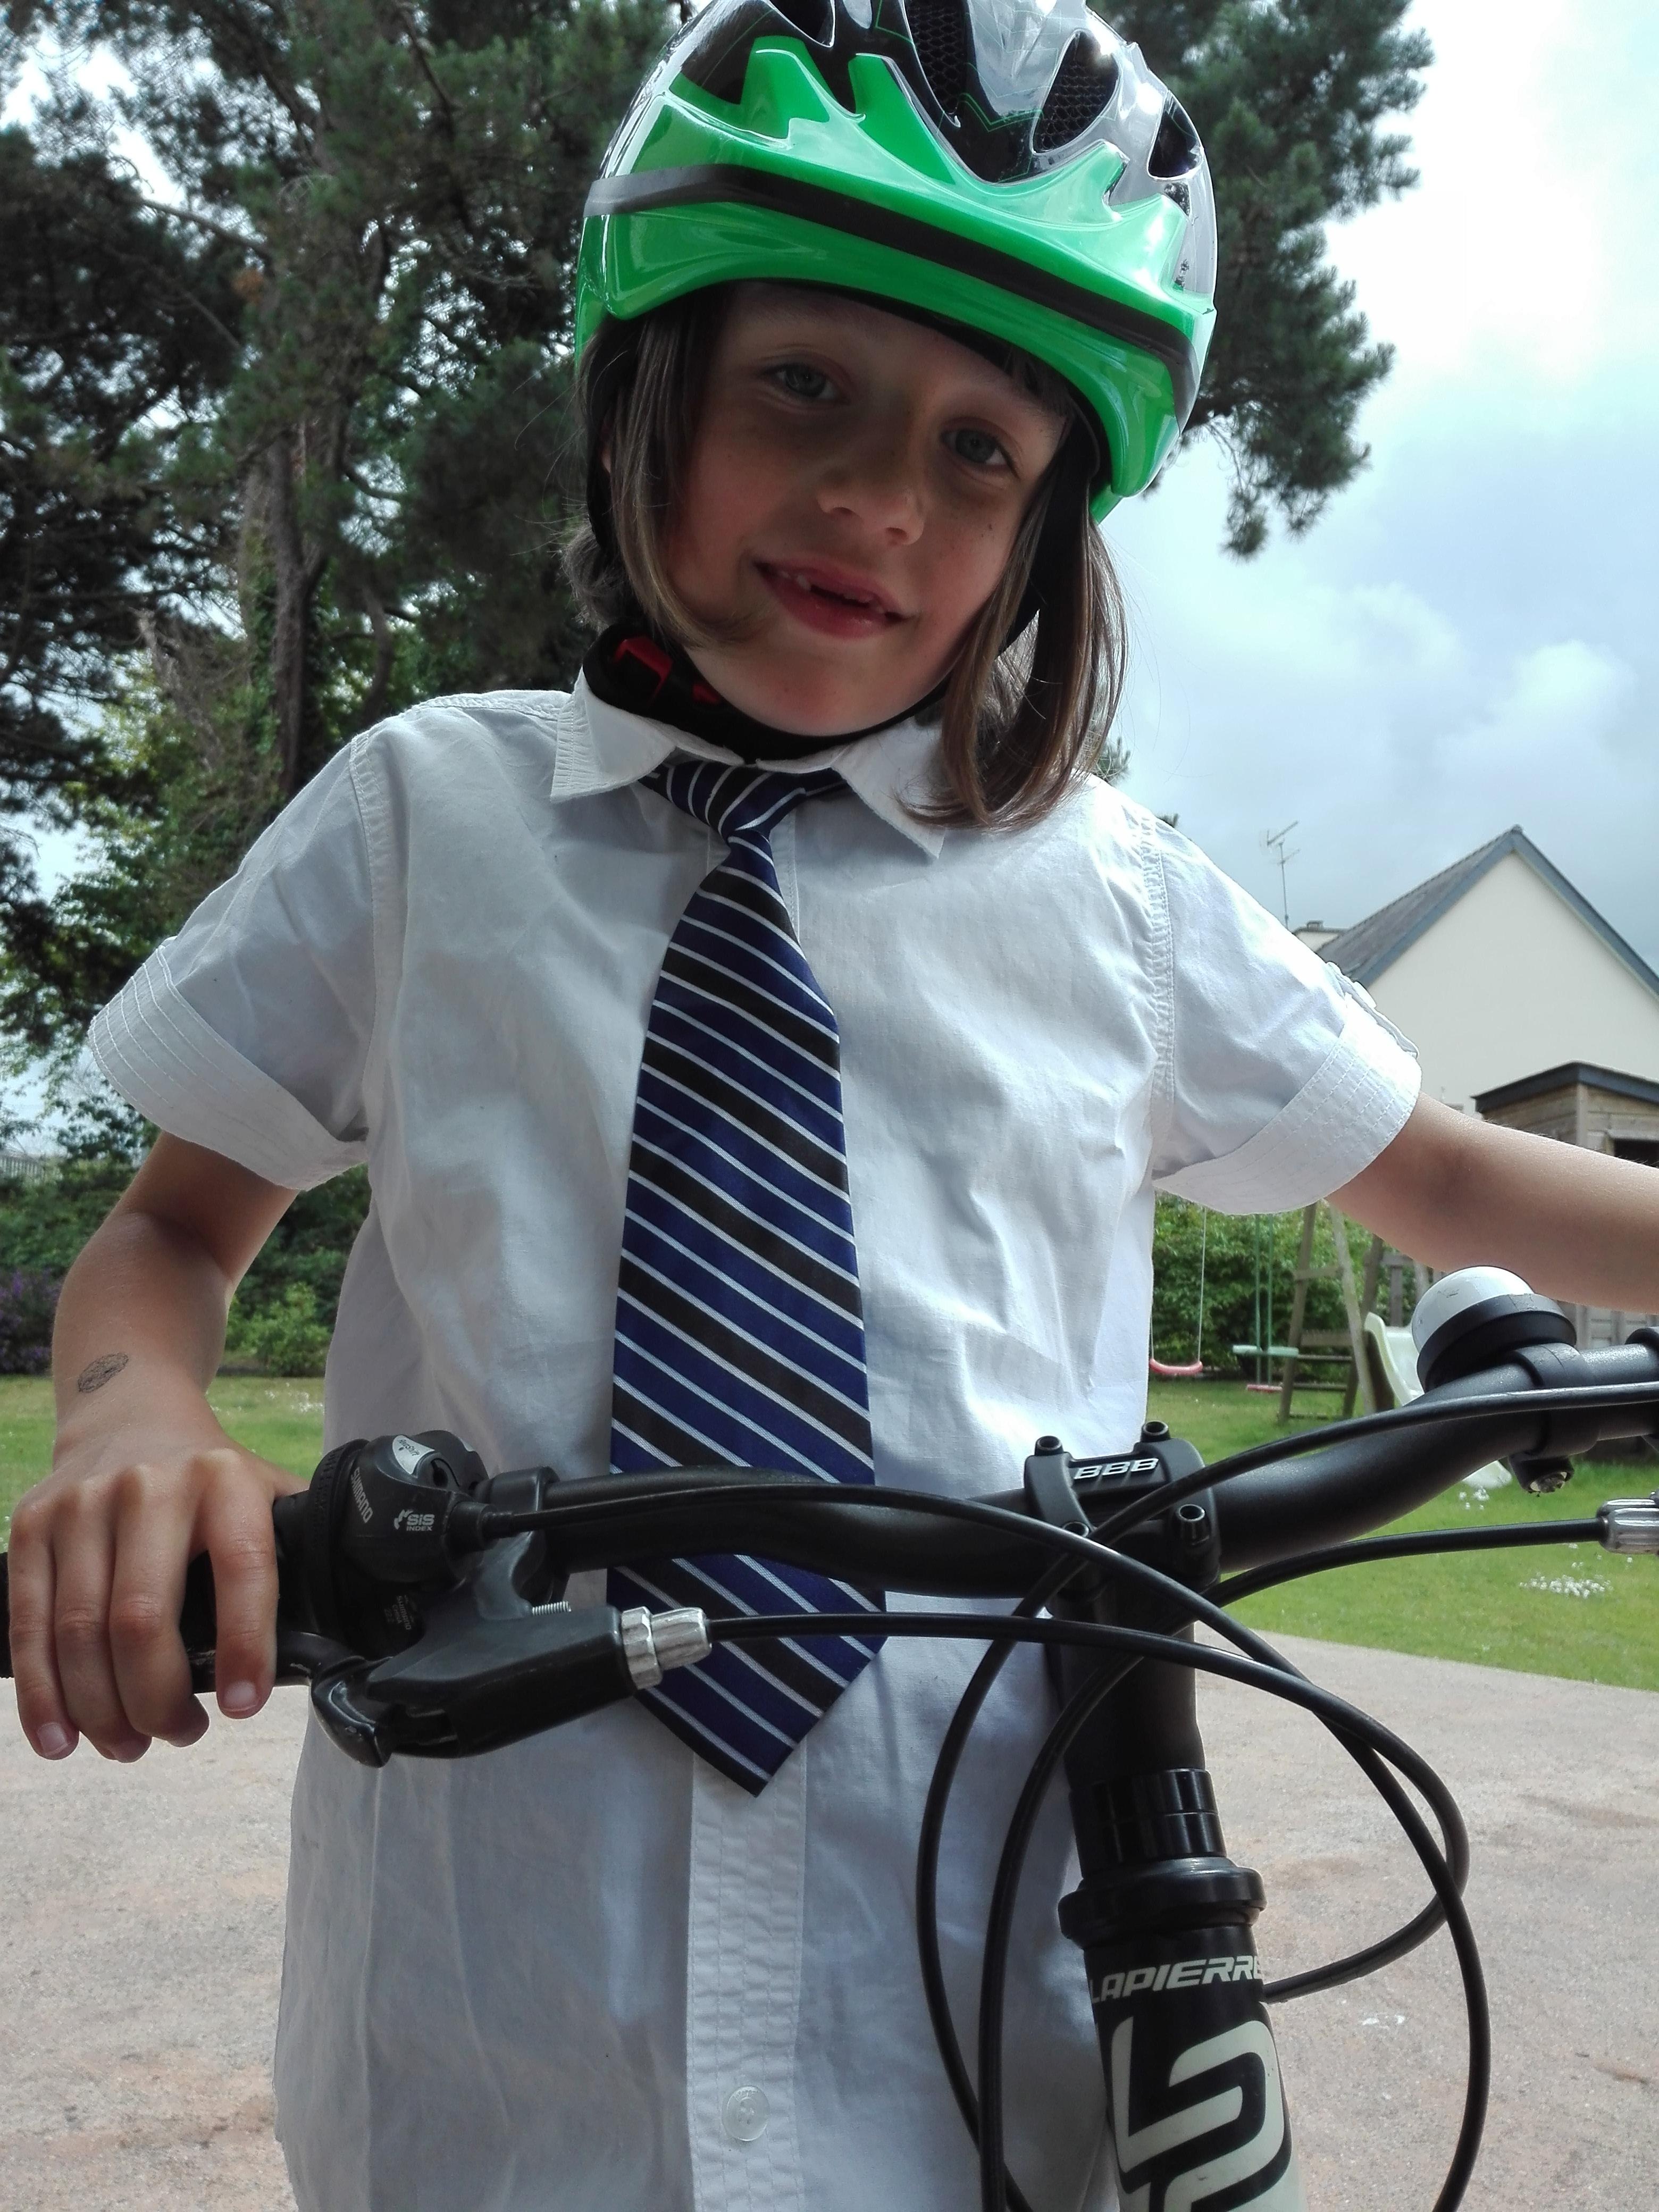 Nathan – Cycle Chic